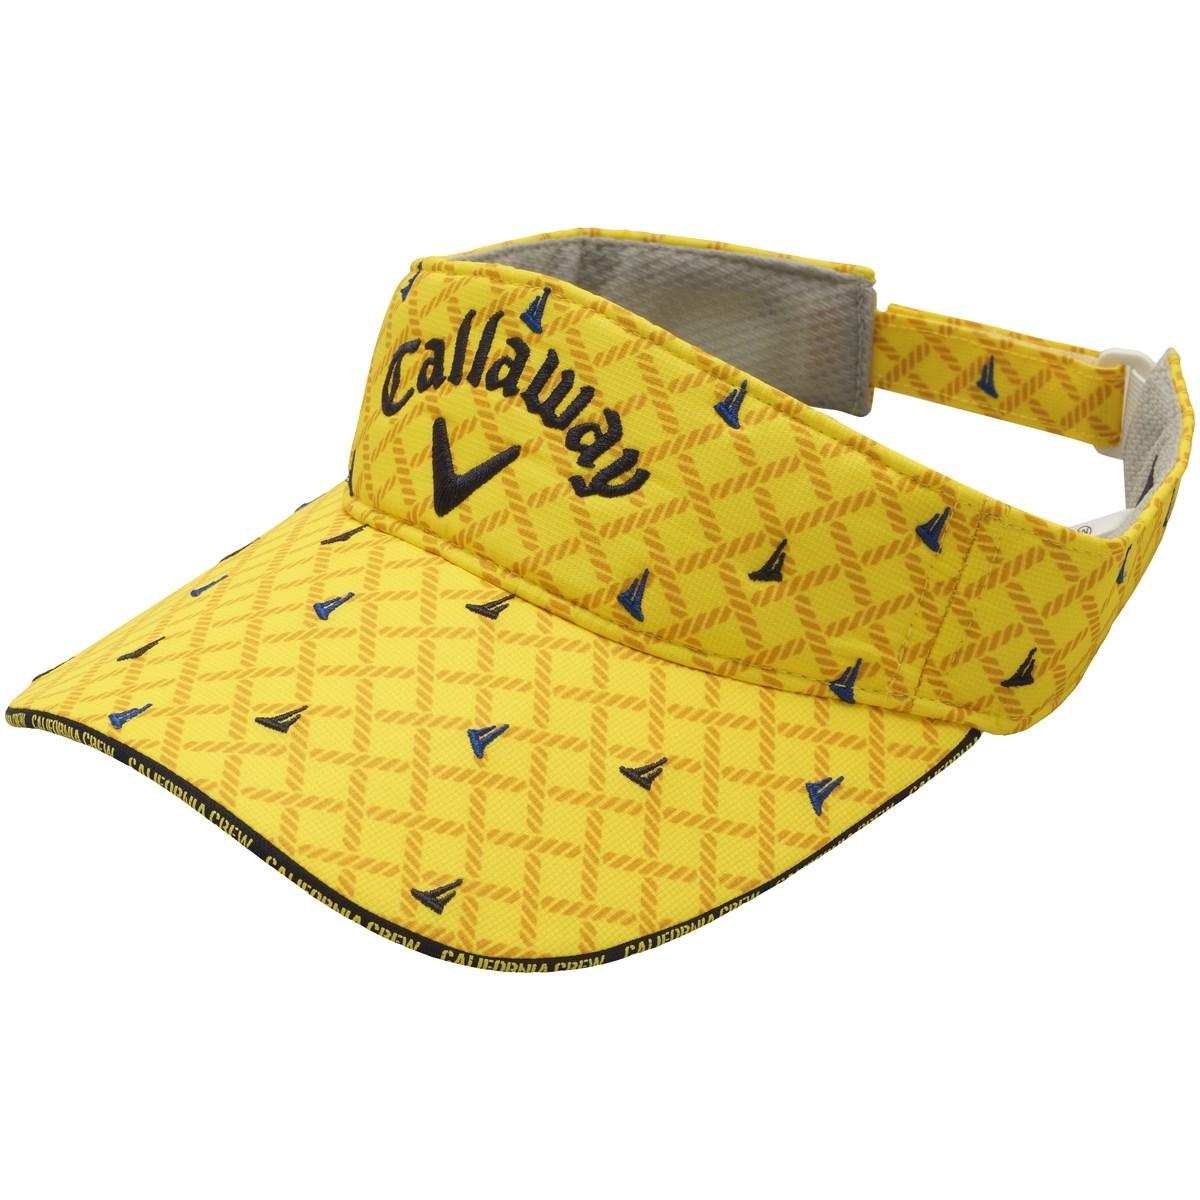 キャロウェイゴルフ(Callaway Golf) ロゴ刺繍サンバイザー